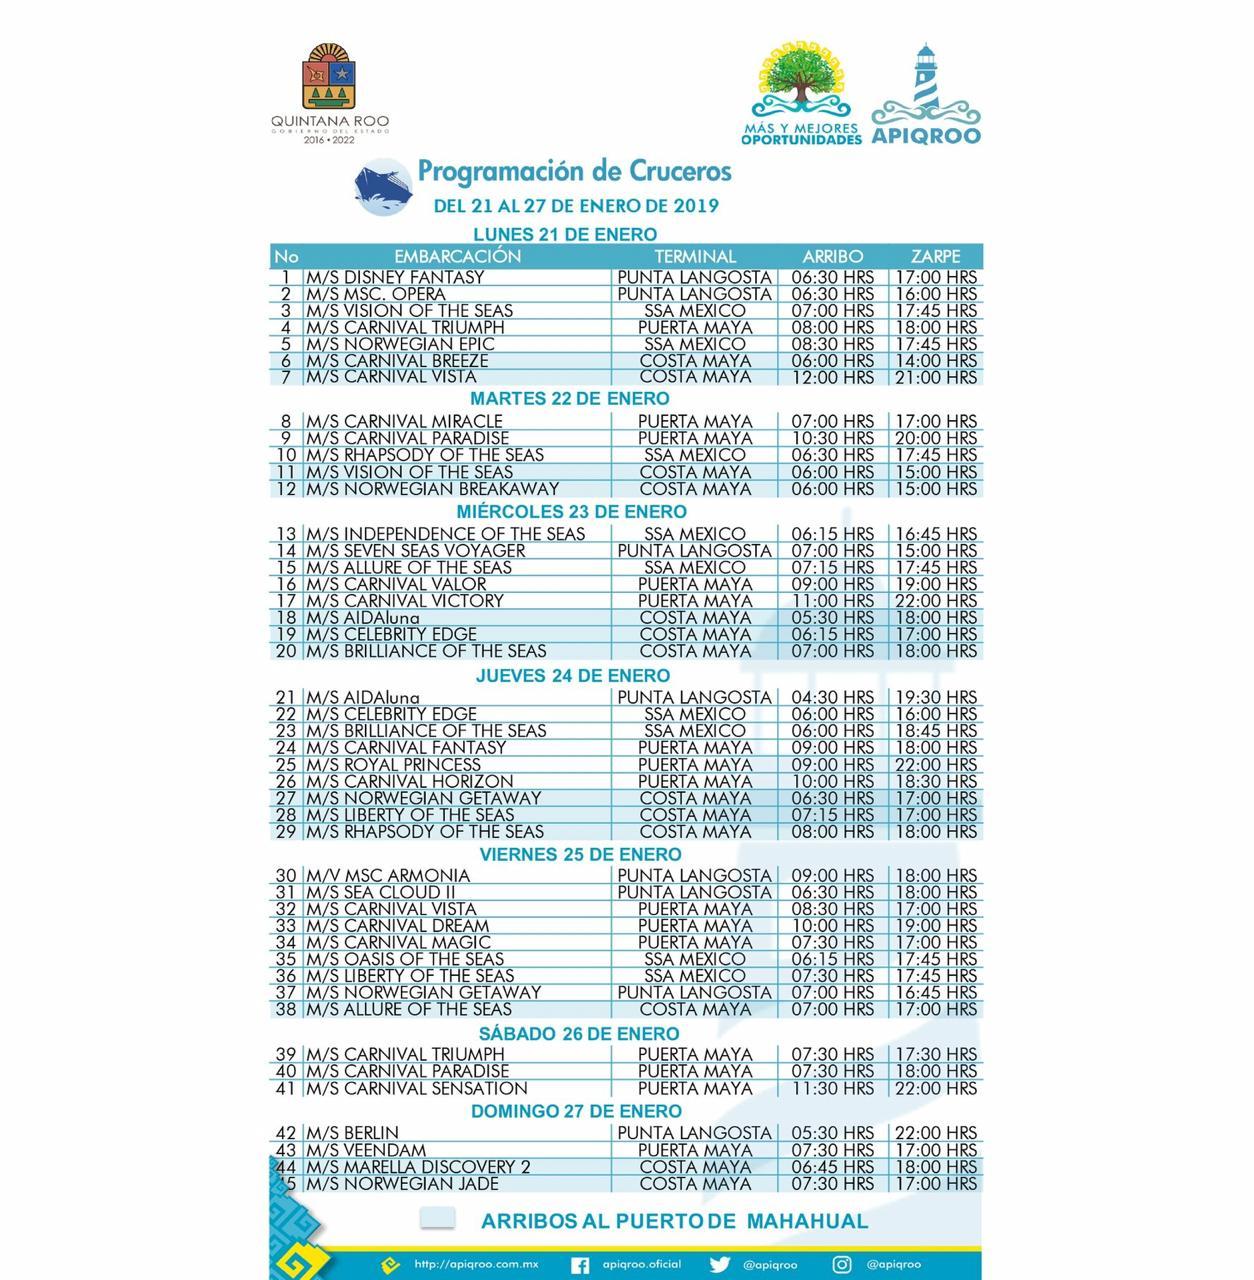 Programa-de-Cruceros-de-Cozumel-del-21-al-27-de-Enero-2019